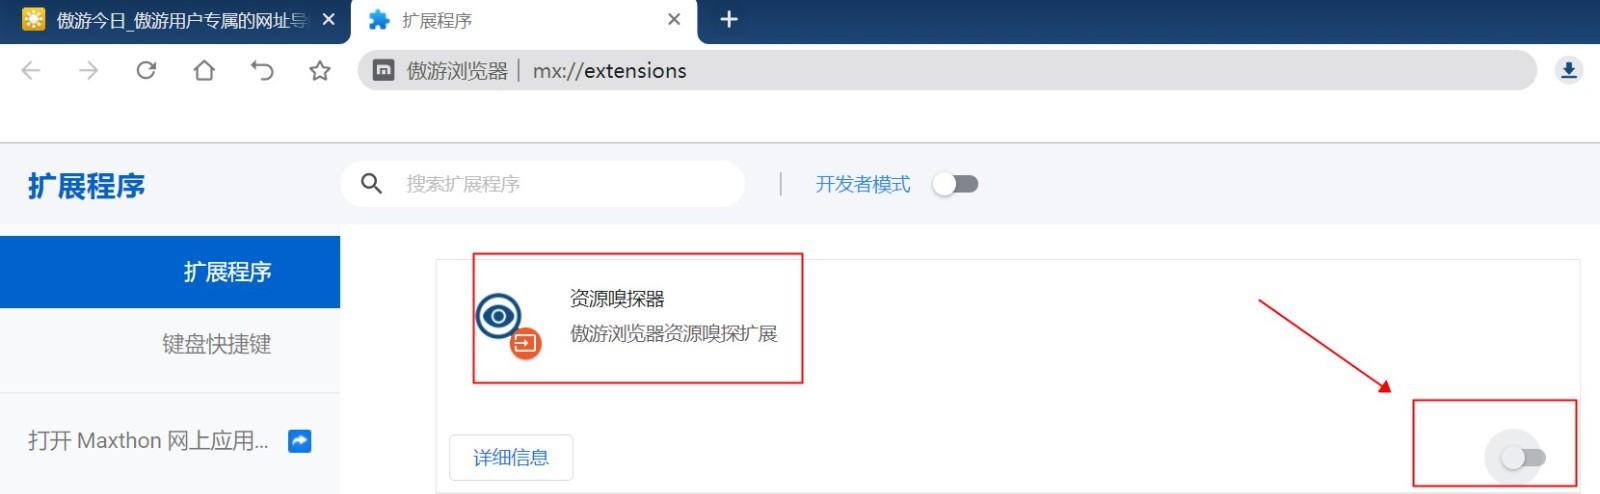 傲游6浏览器电脑版图6